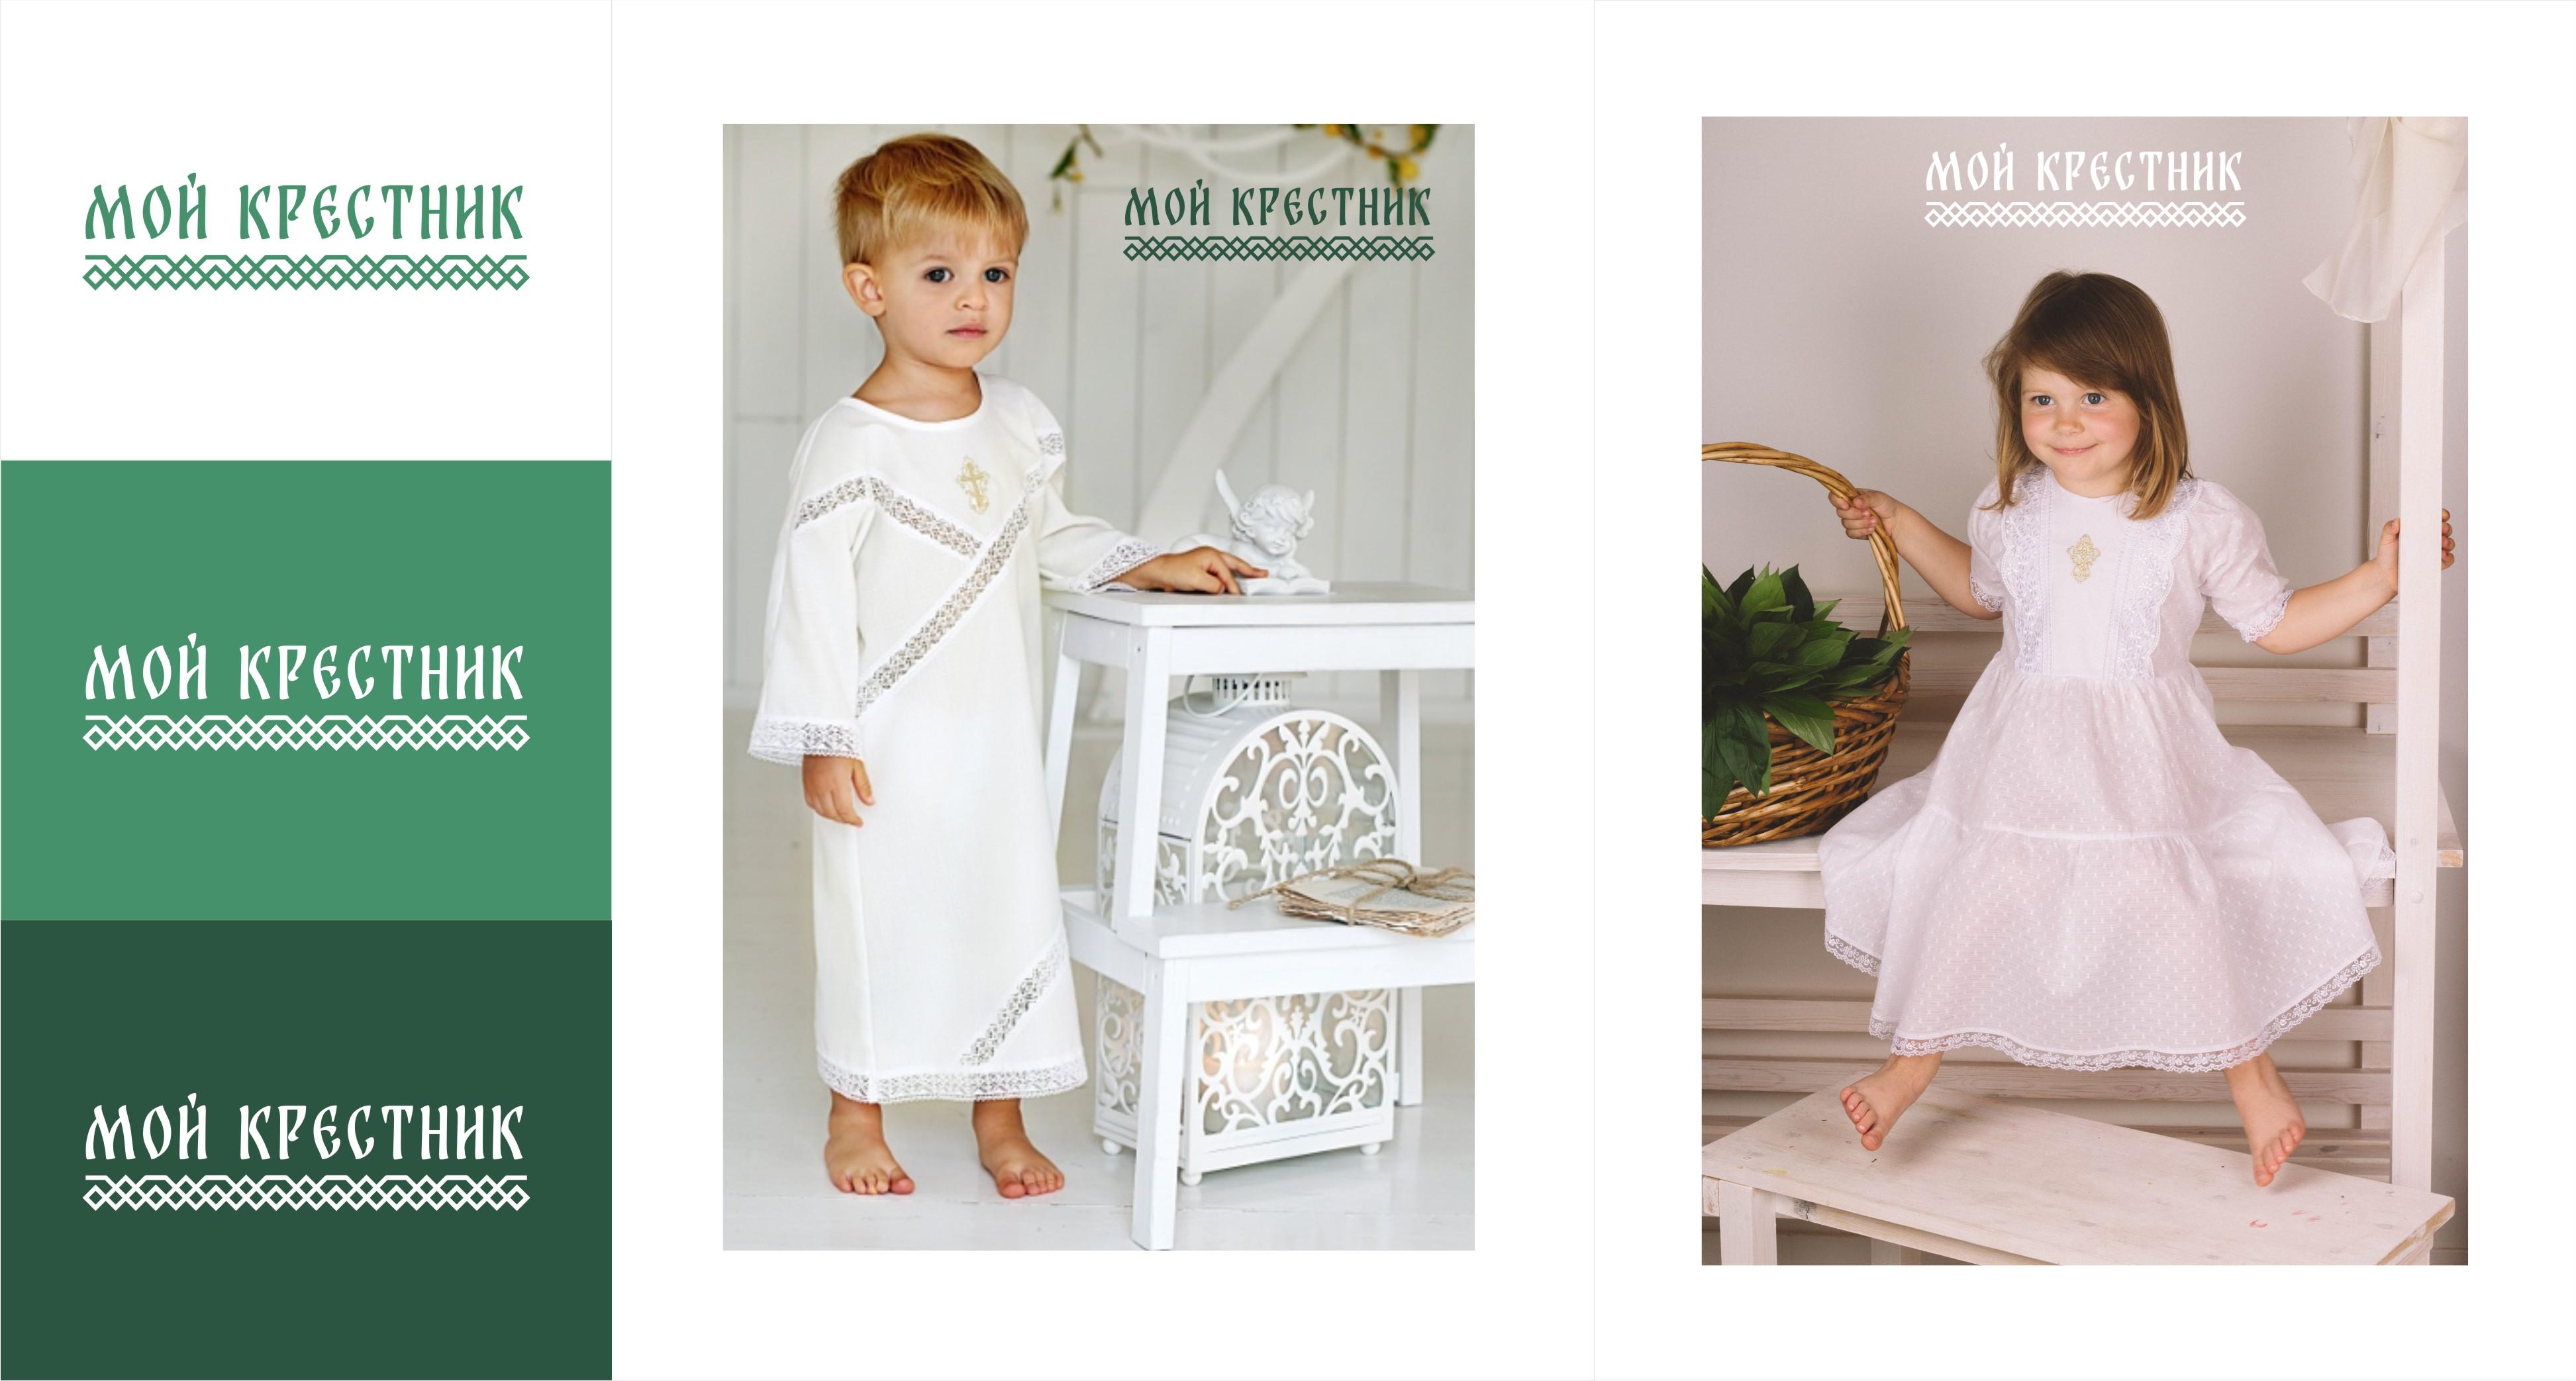 Логотип для крестильной одежды(детской). фото f_5285d4c829a3241d.jpg